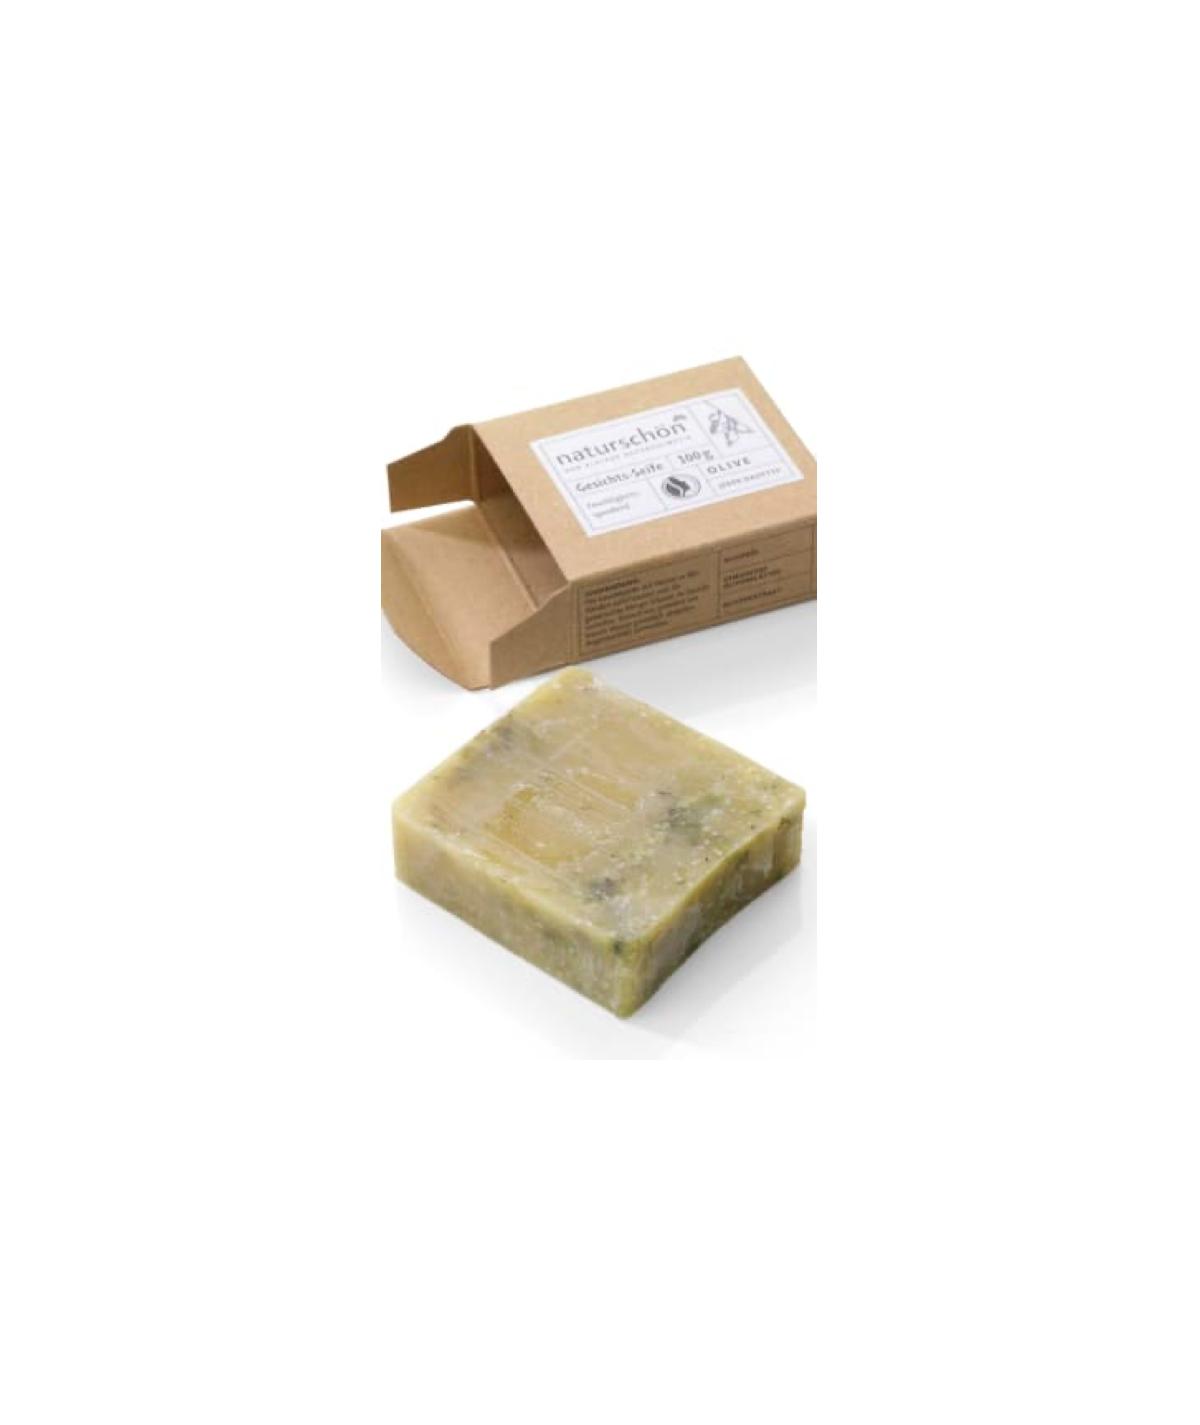 Savon naturel pour le visage à l'olive, 100 g